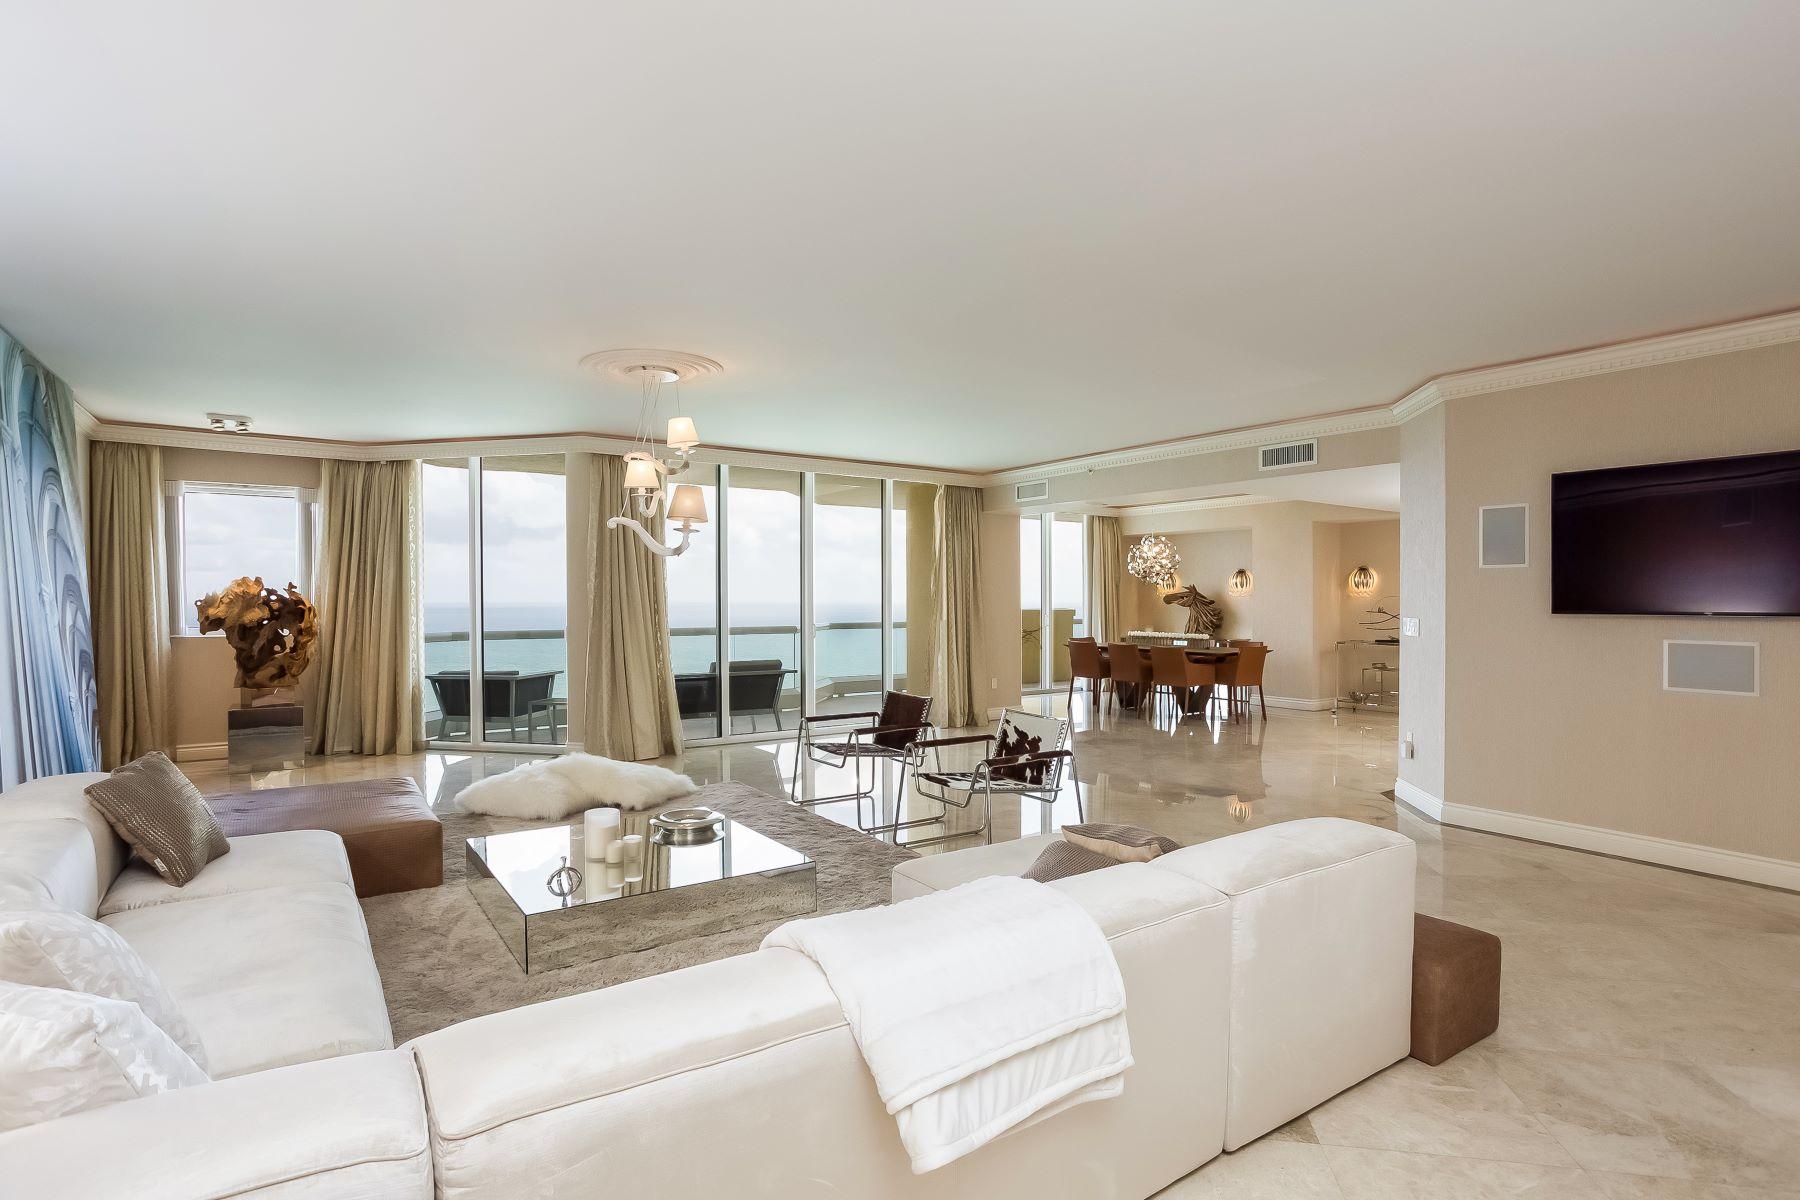 Eigentumswohnung für Verkauf beim 17875 Collins Av #3703 17875 Collins Av 3703 Sunny Isles Beach, Florida, 33160 Vereinigte Staaten